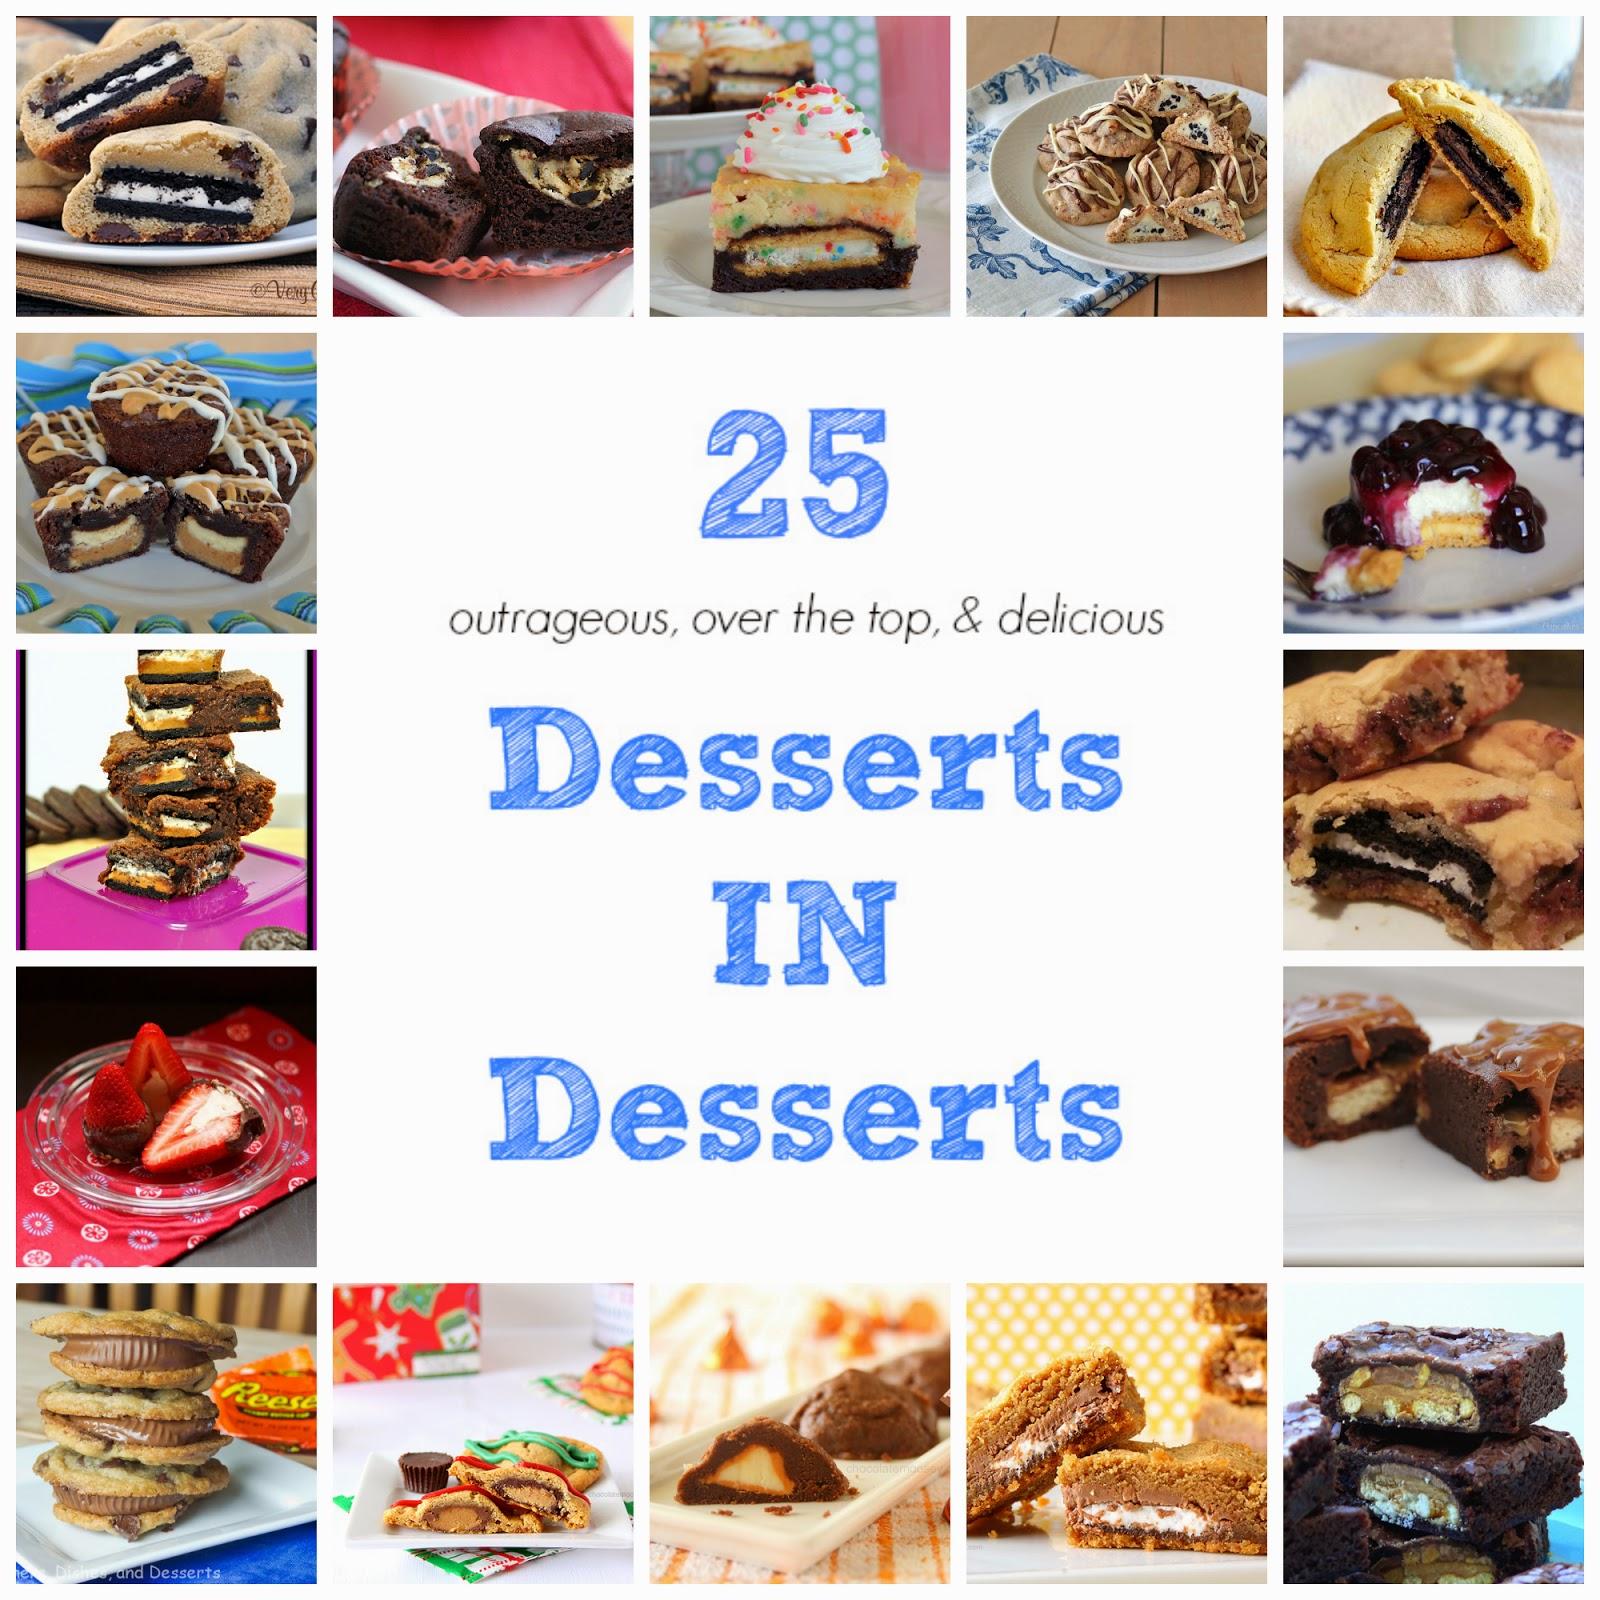 http://www.52kitchenadventures.com/2013/10/14/desserts-baked-in-desserts/